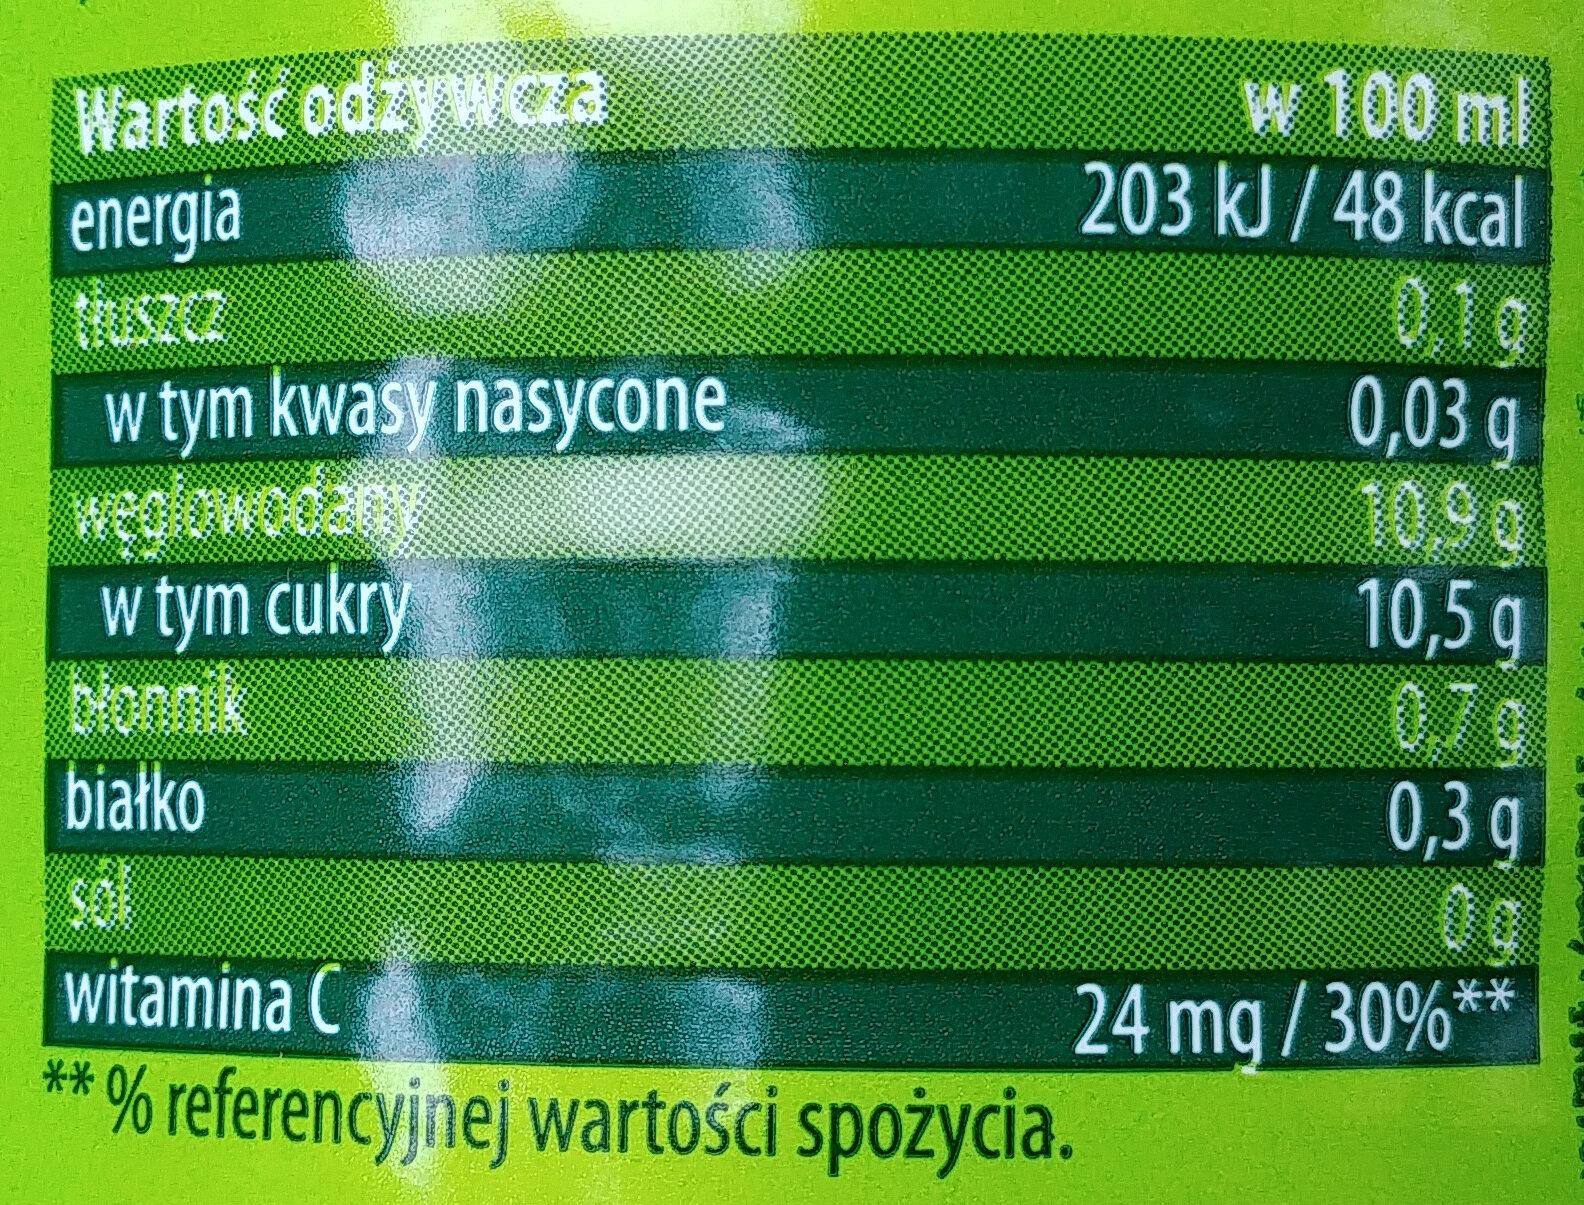 Sok z owoców i warzyw częściowo z soku zagęszczonego z dodatkiem witaminy C. - Wartości odżywcze